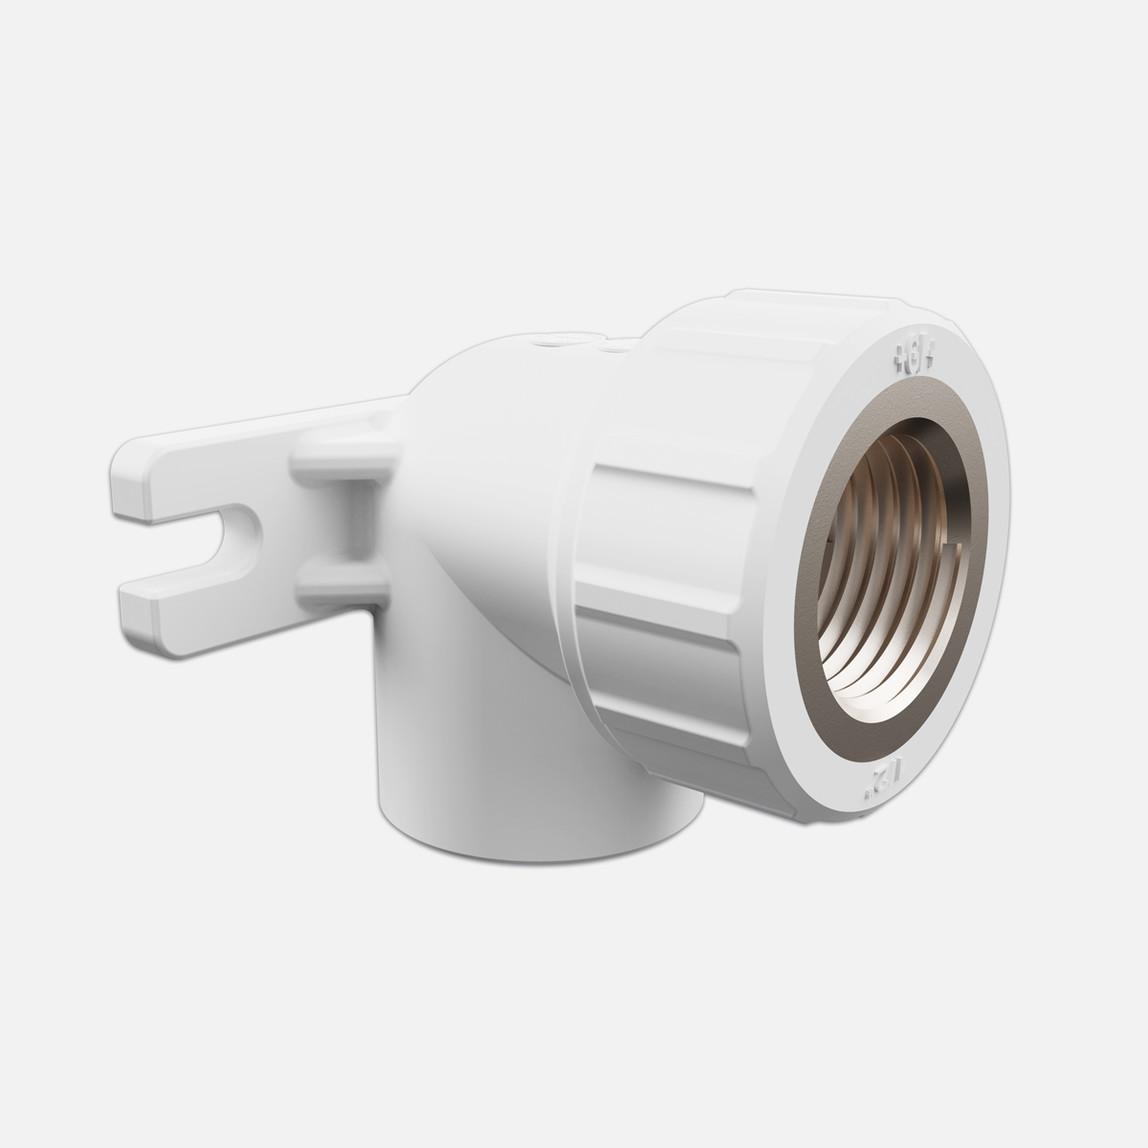 20-12 mm Batarya Bağlantısı Pprc